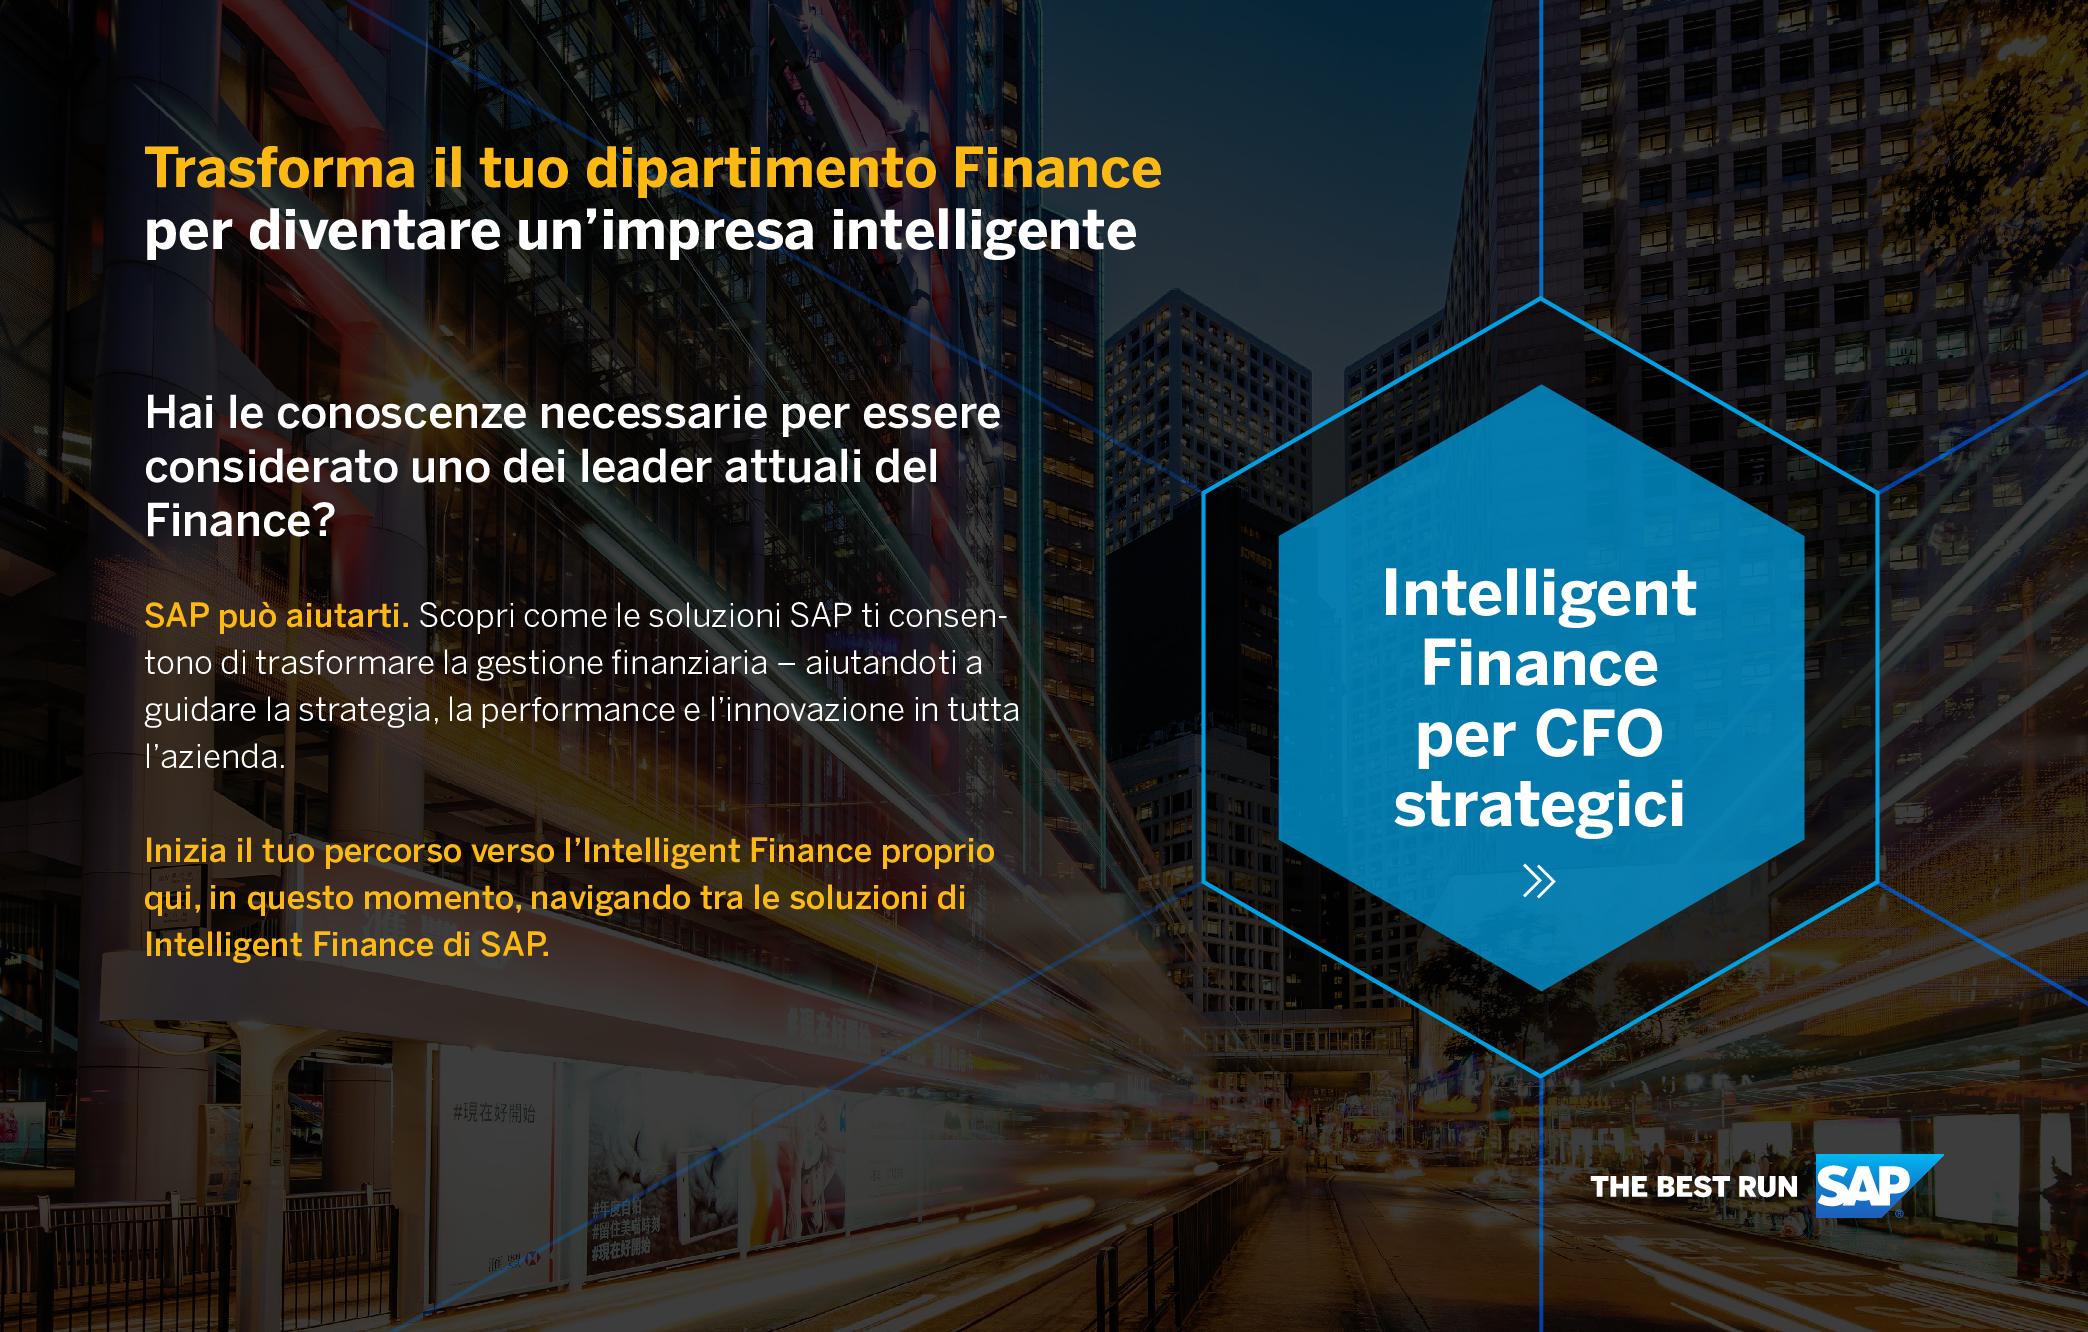 Trasforma il tuo dipartimento Finance per diventare un'impresa intelligente